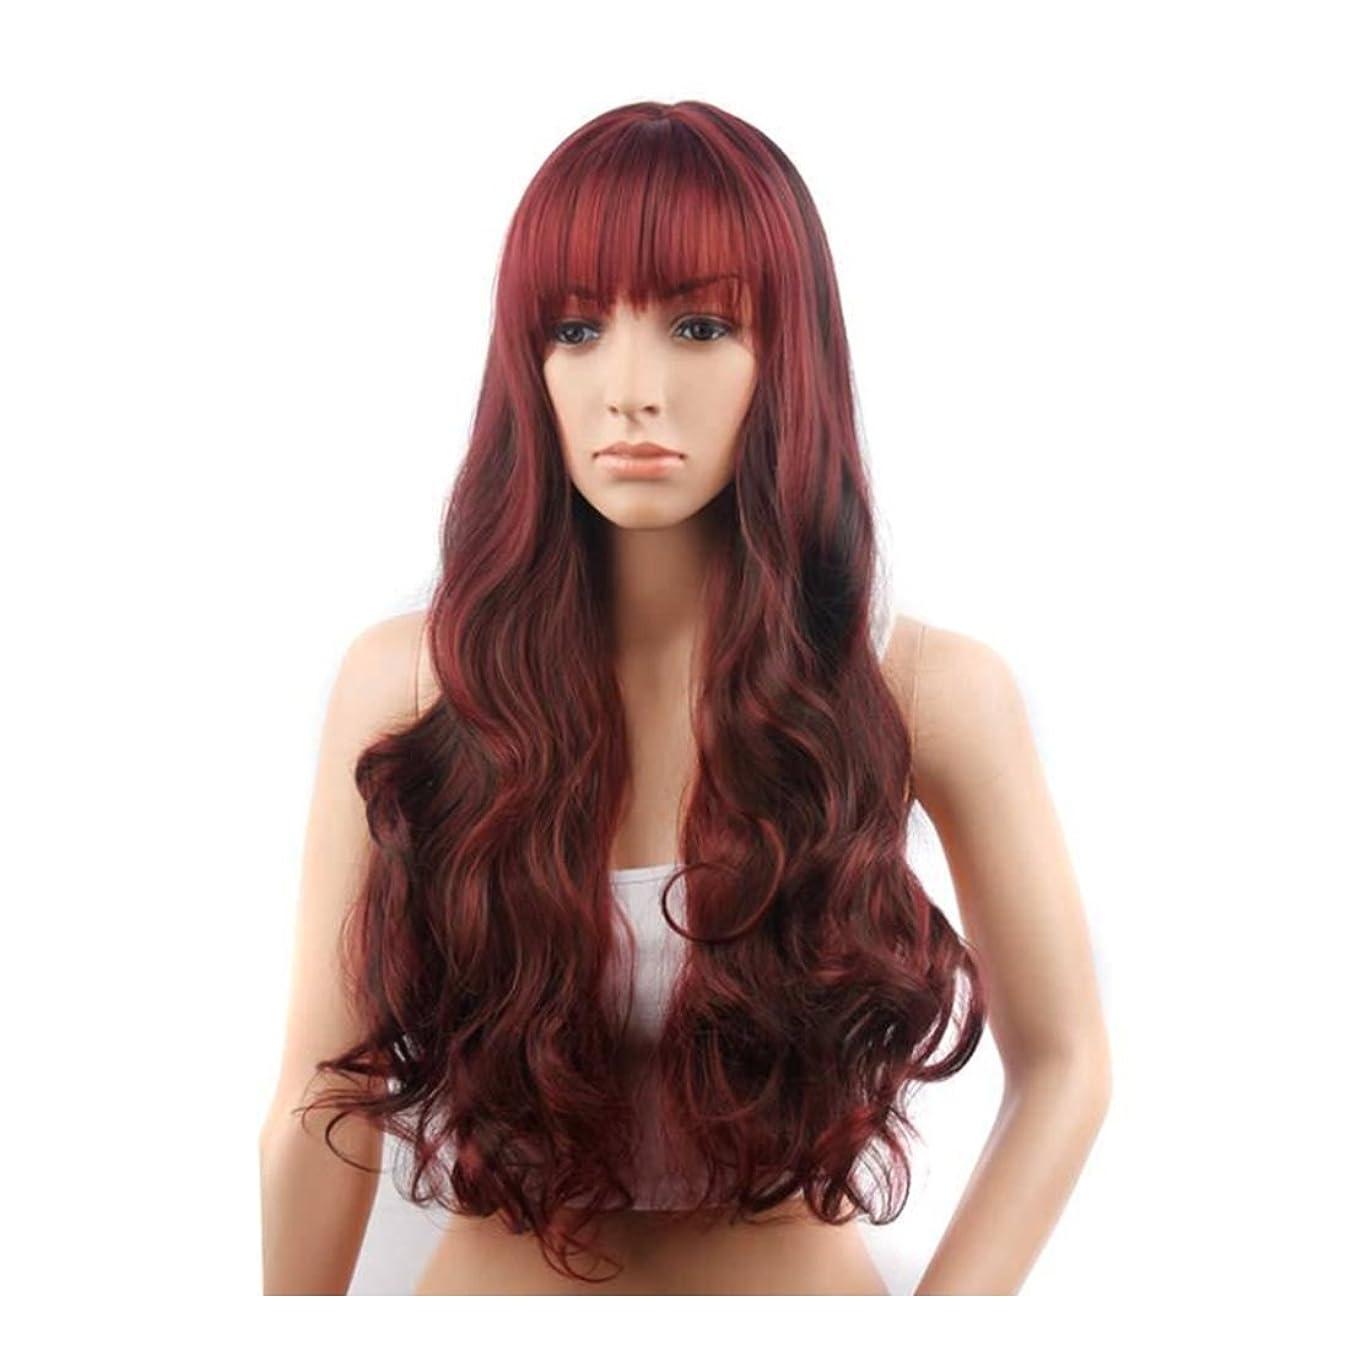 無礼にフローティングバースJIANFU 女性のための長いカーリーウィッグとトウモロコシフラットバンズとフェイスウィッグを変更25inchの長さのための髪の耐熱ウィッグ(ワインレッド) (Color : Wine red)